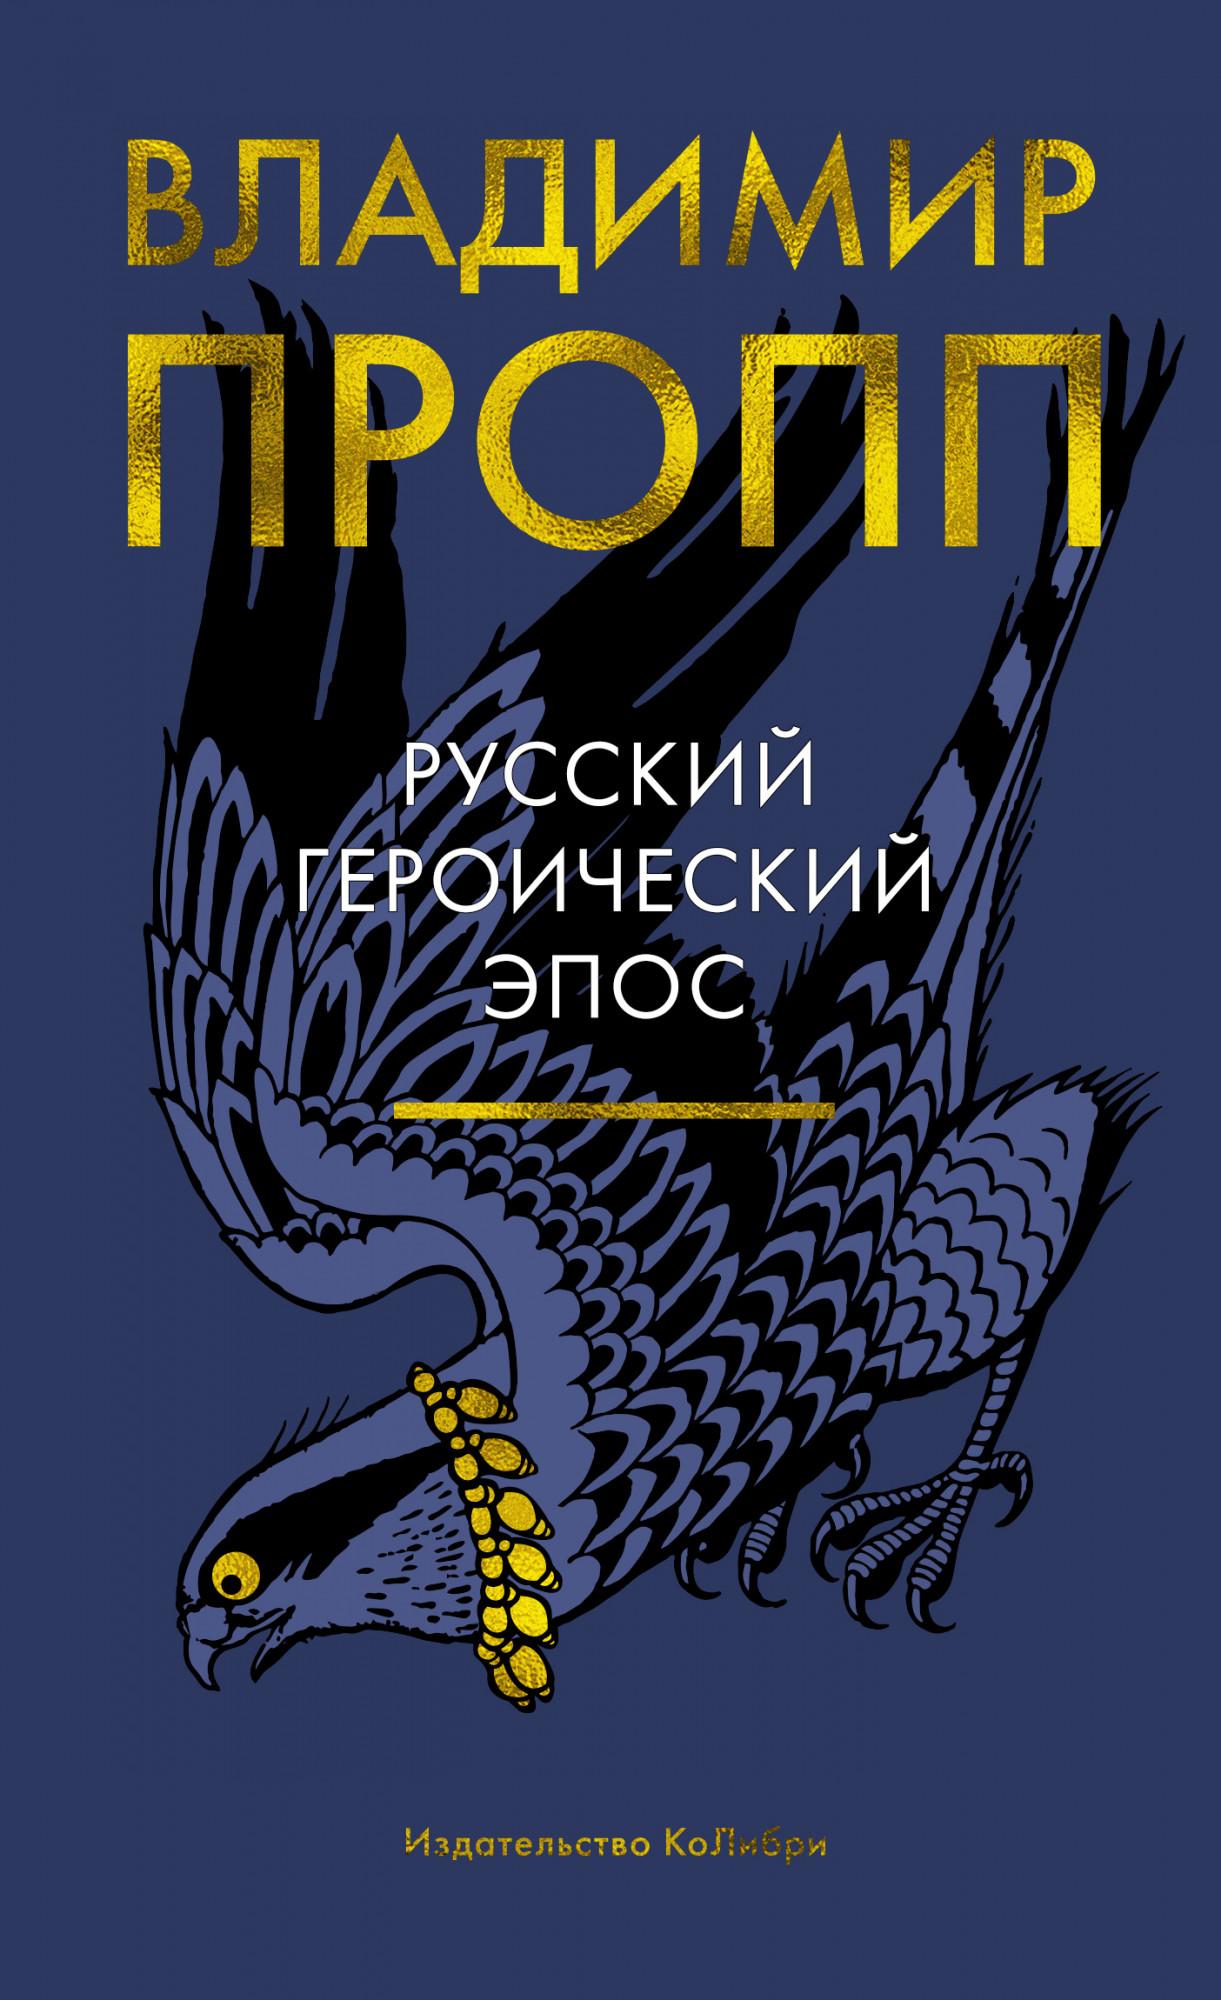 Читаем книгу Владимира Проппа «Русский героический эпос» 1